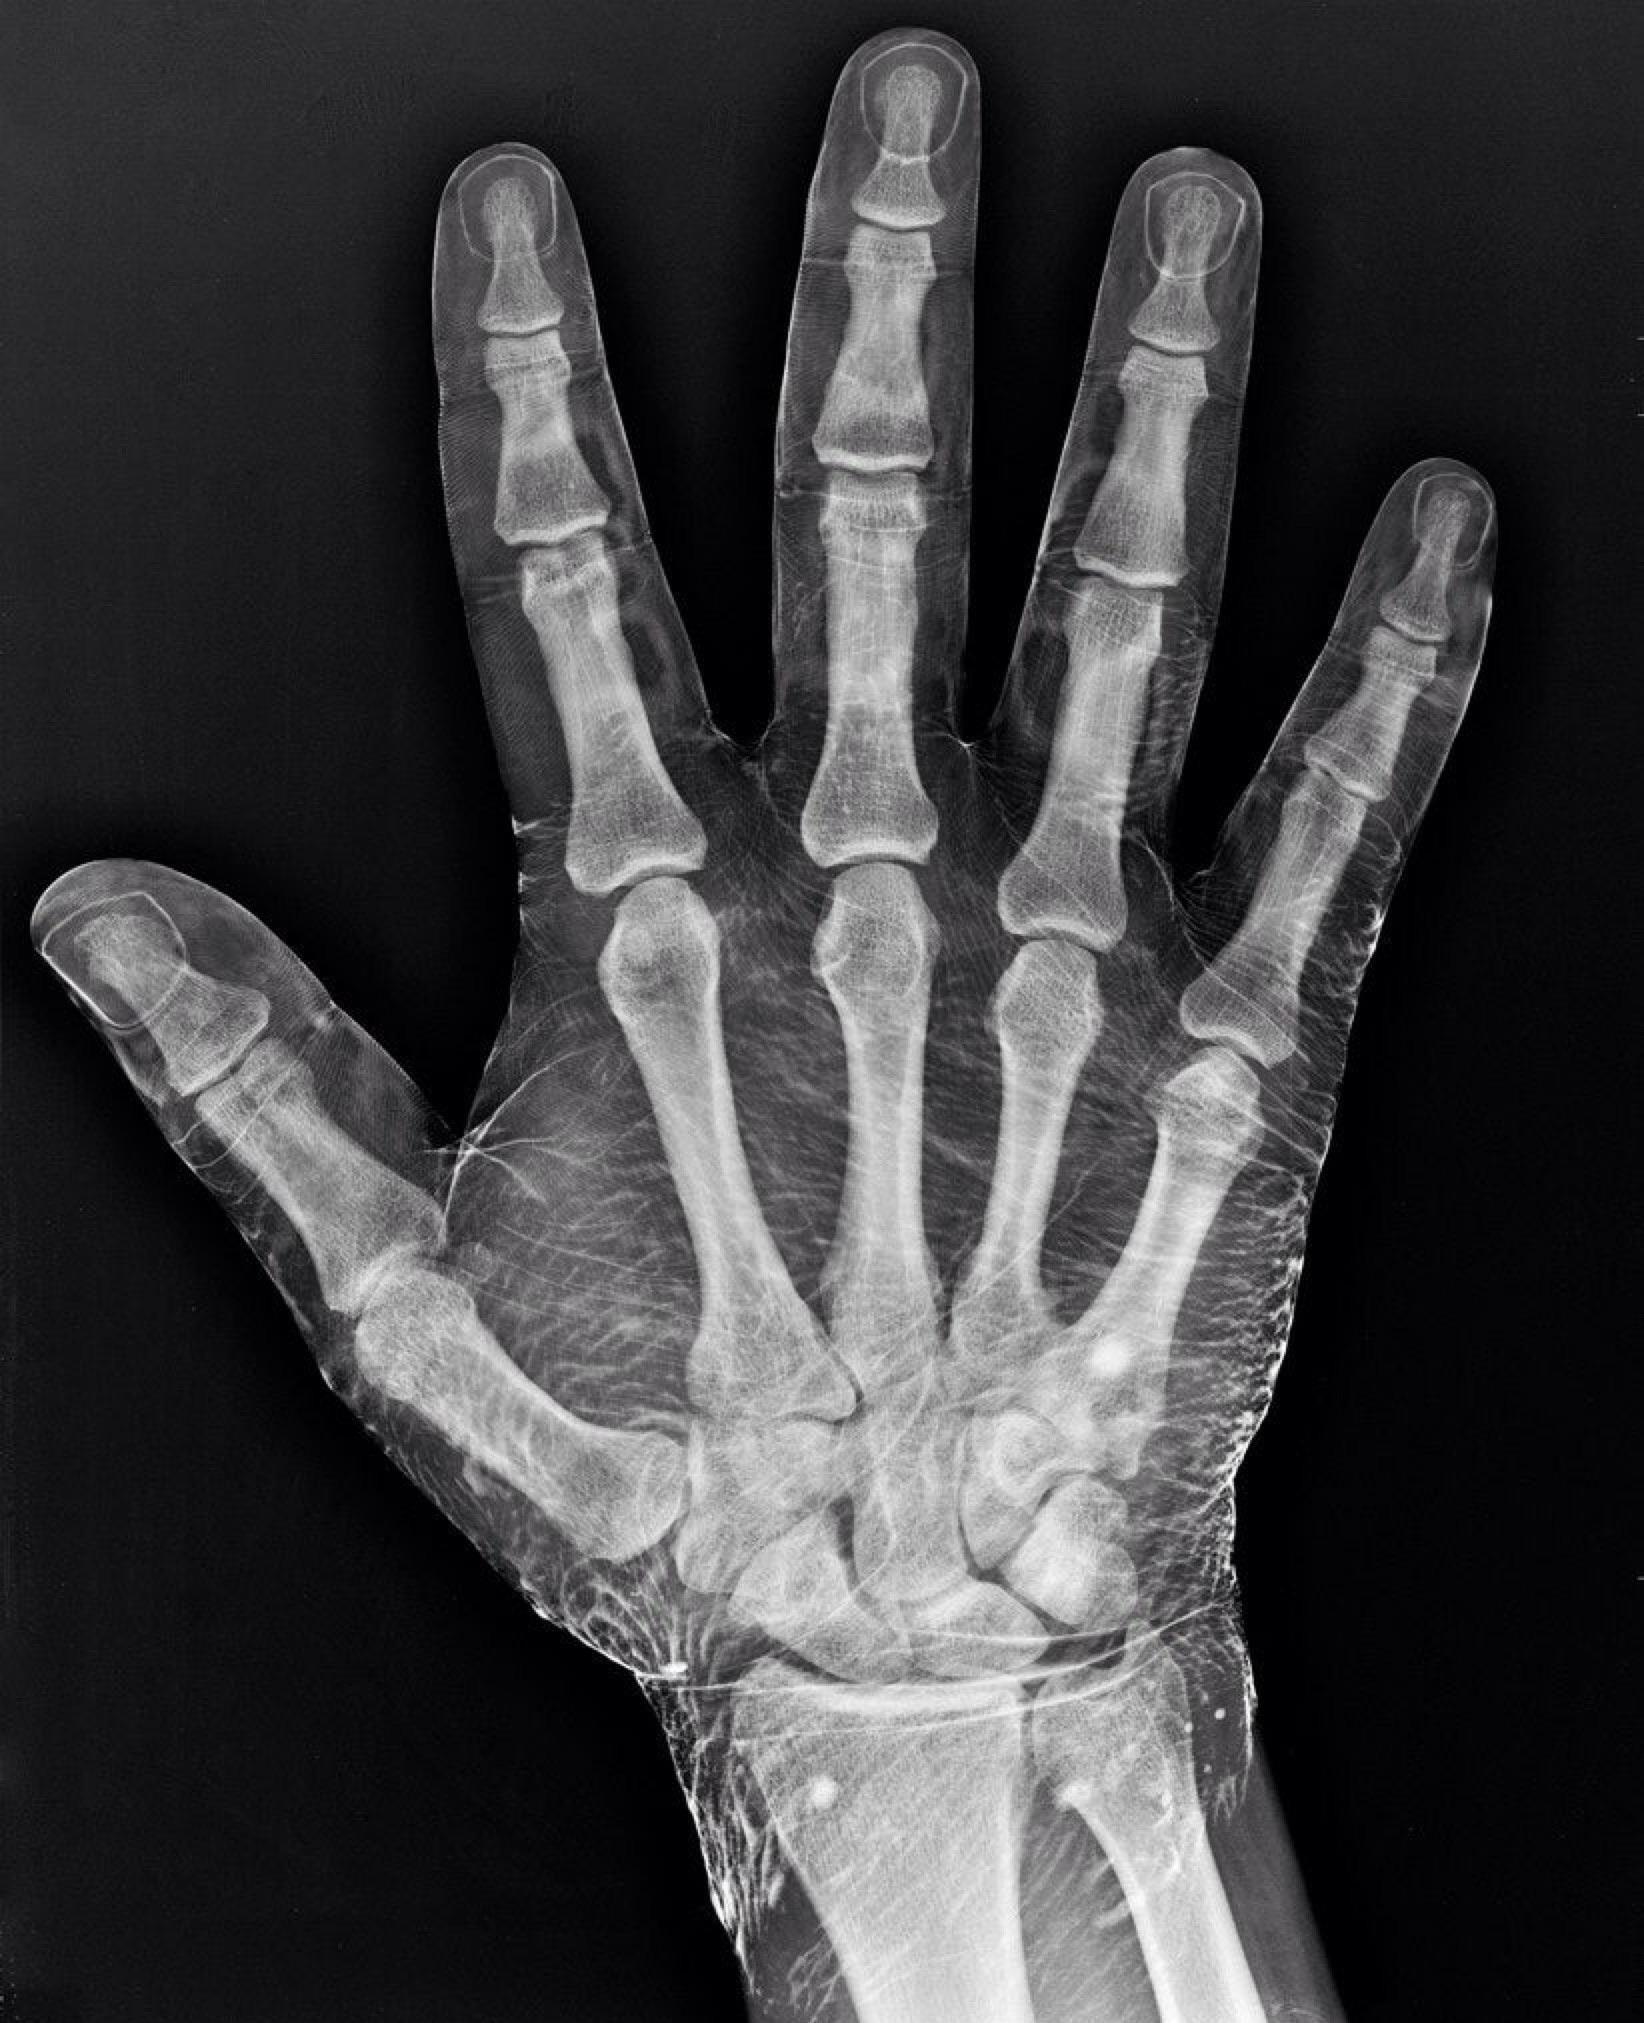 e4c1499a91b47713387e231b1710d7a7 » X-ray Drawing